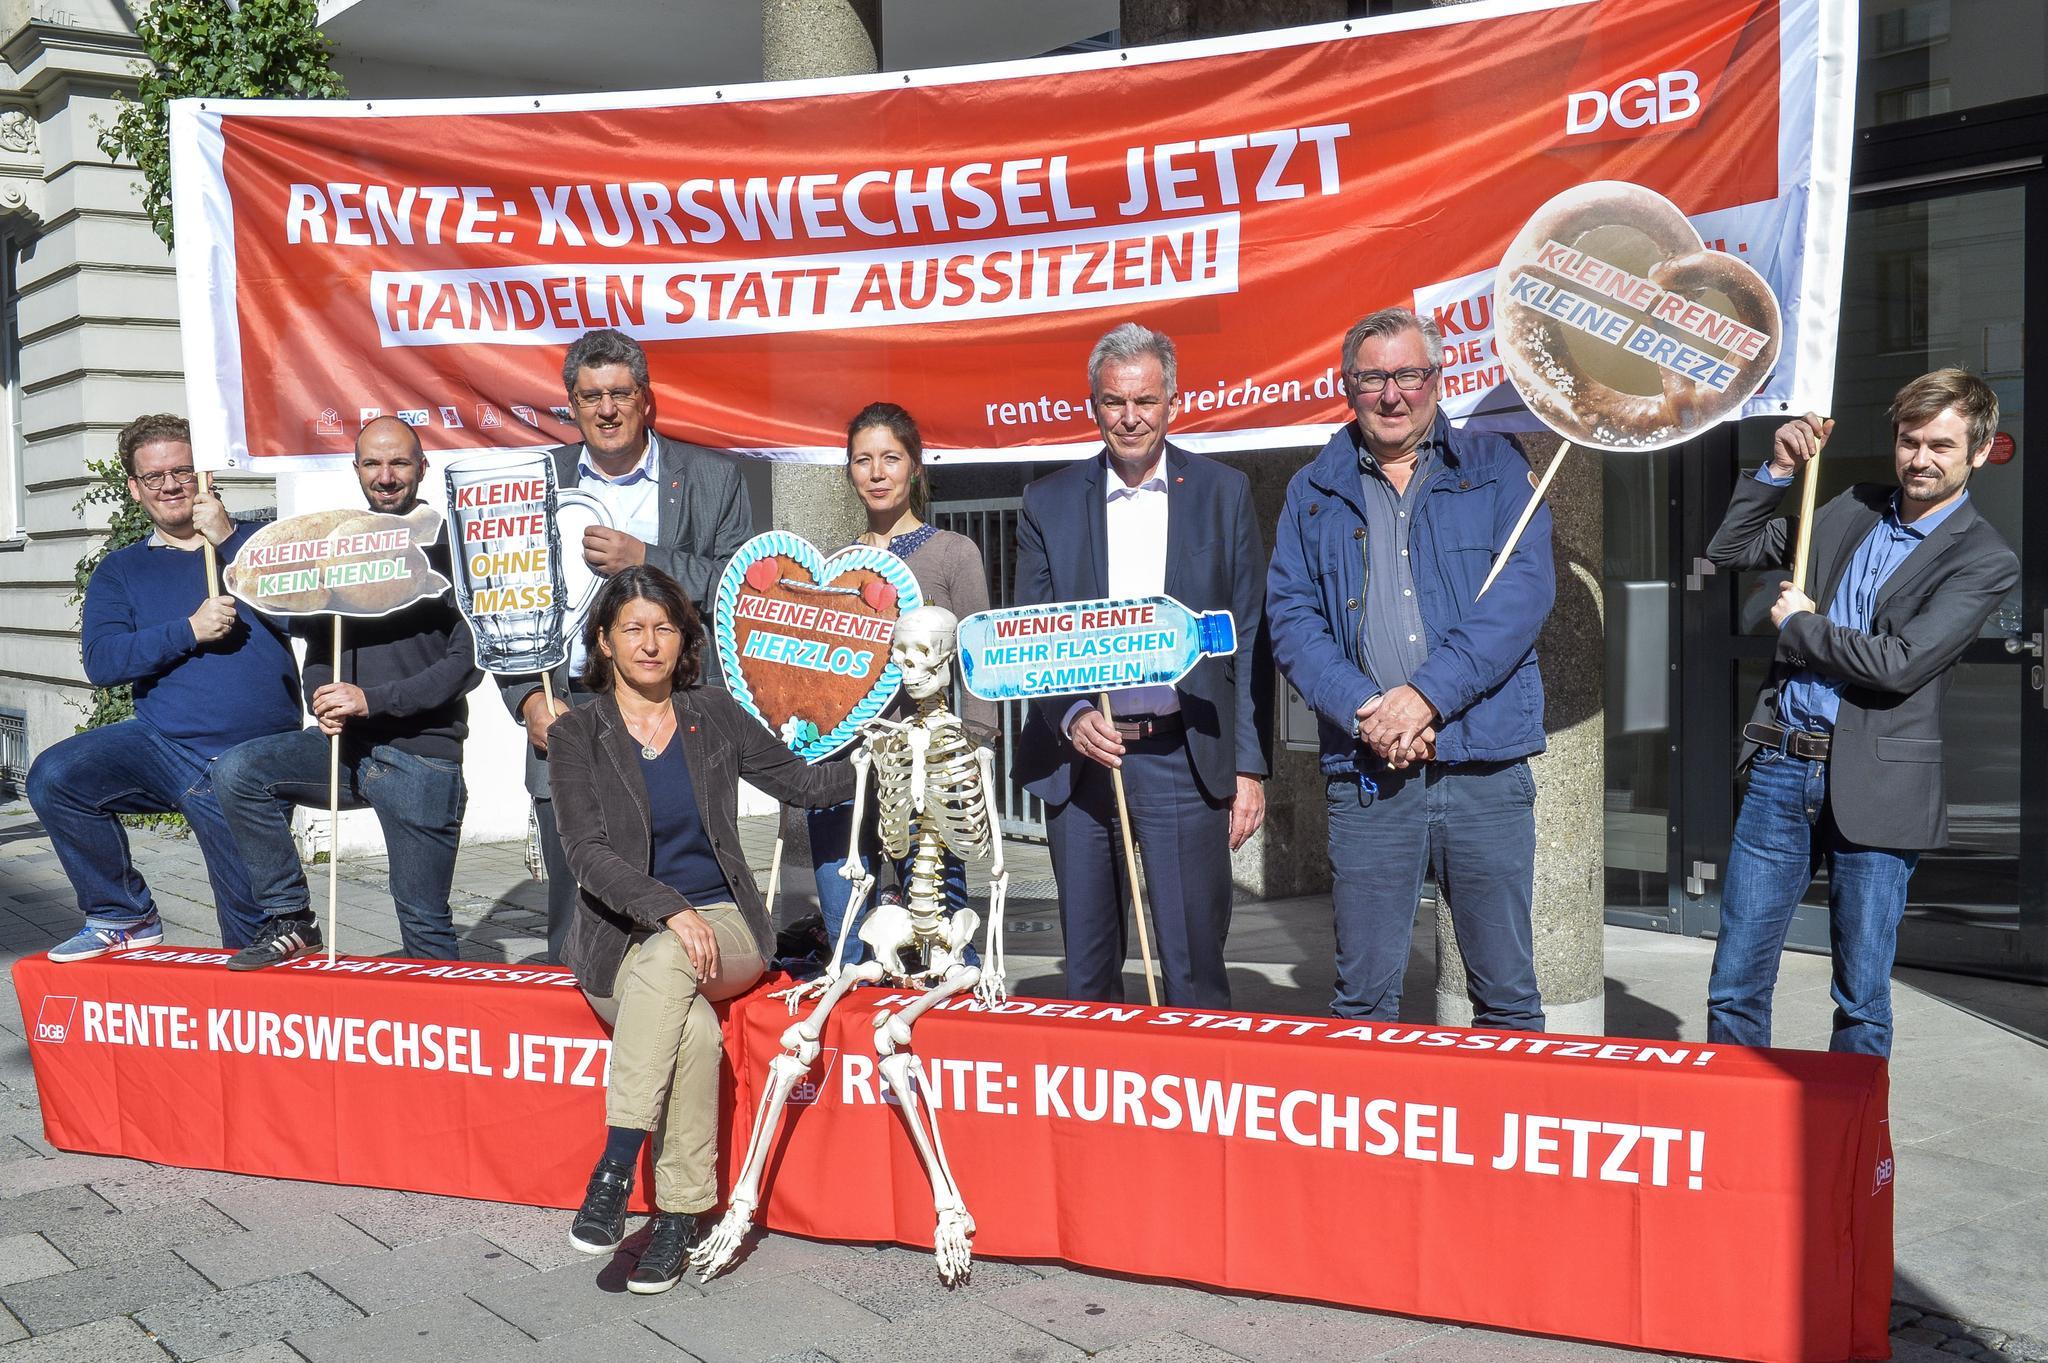 Jena und Di Pasquale bei der Aktion vor dem Gewerkschaftshaus München